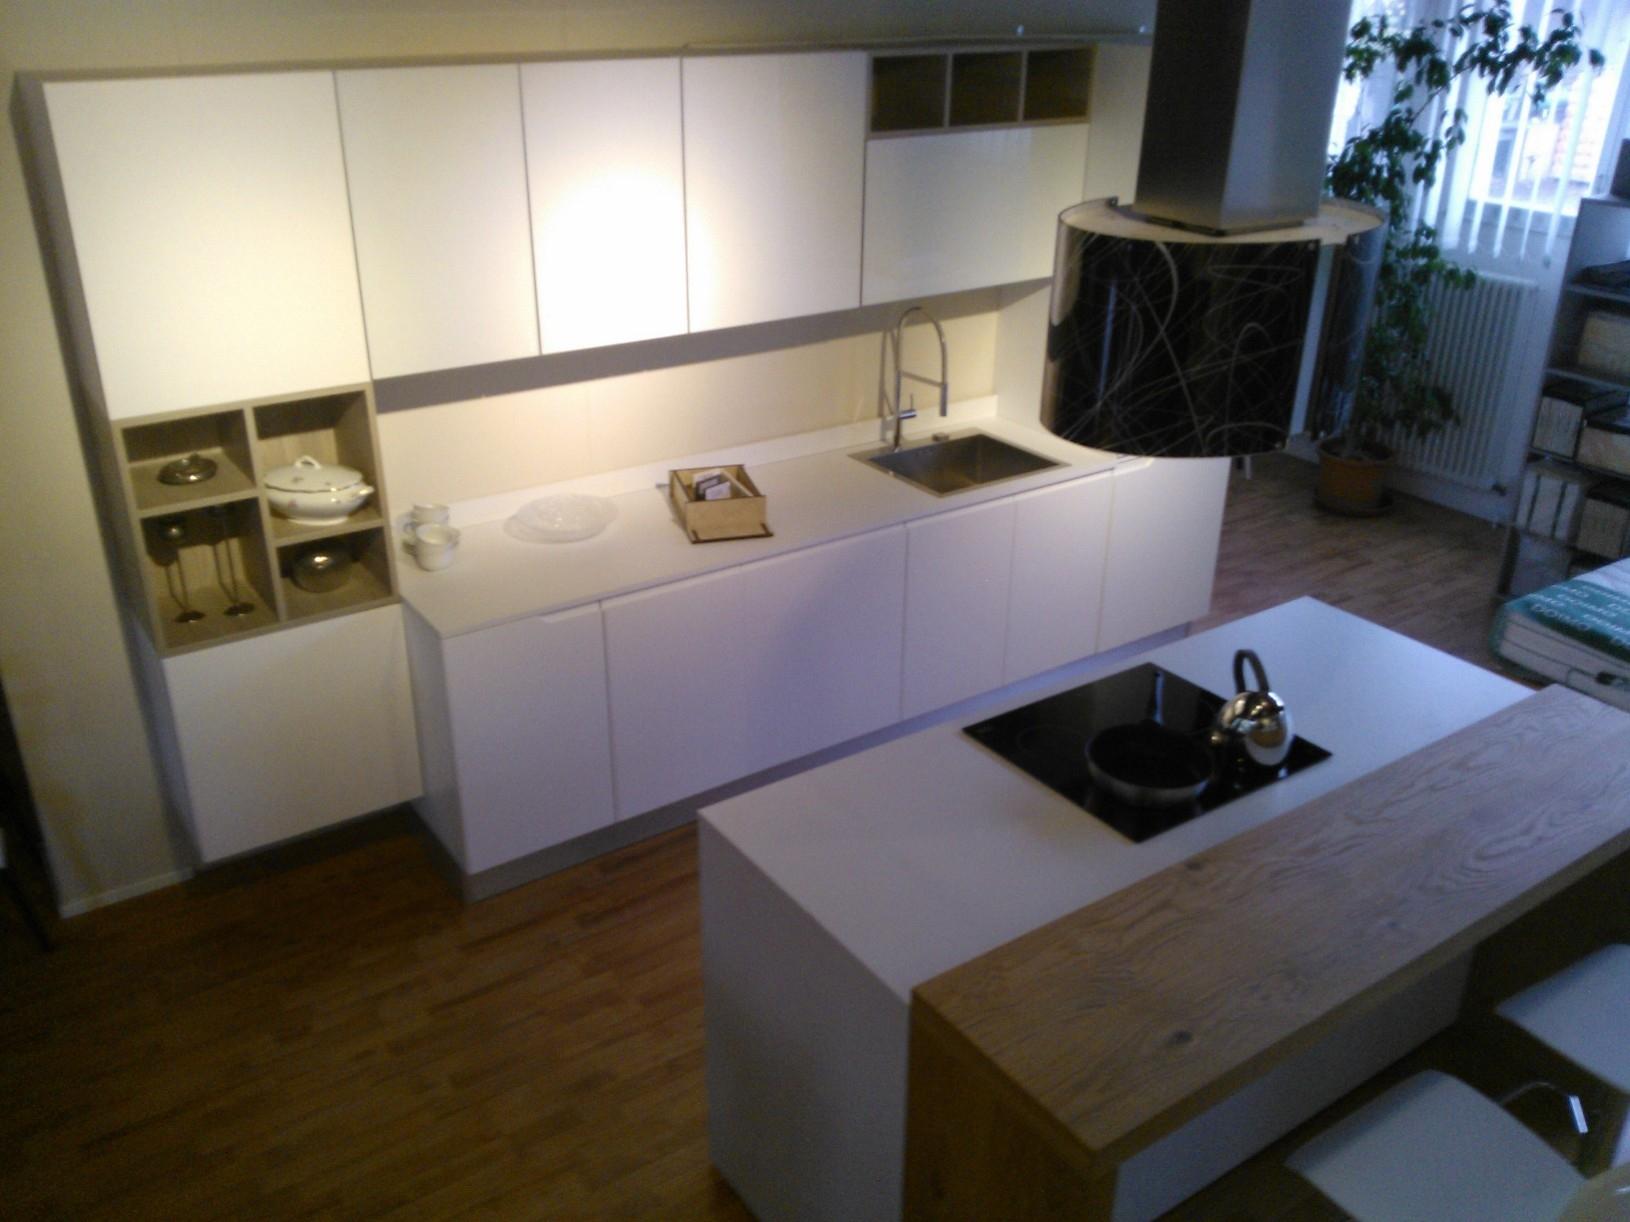 Cucine Ikea Nodsta : Cucina ikea nodsta. Cucine ikea nodsta.